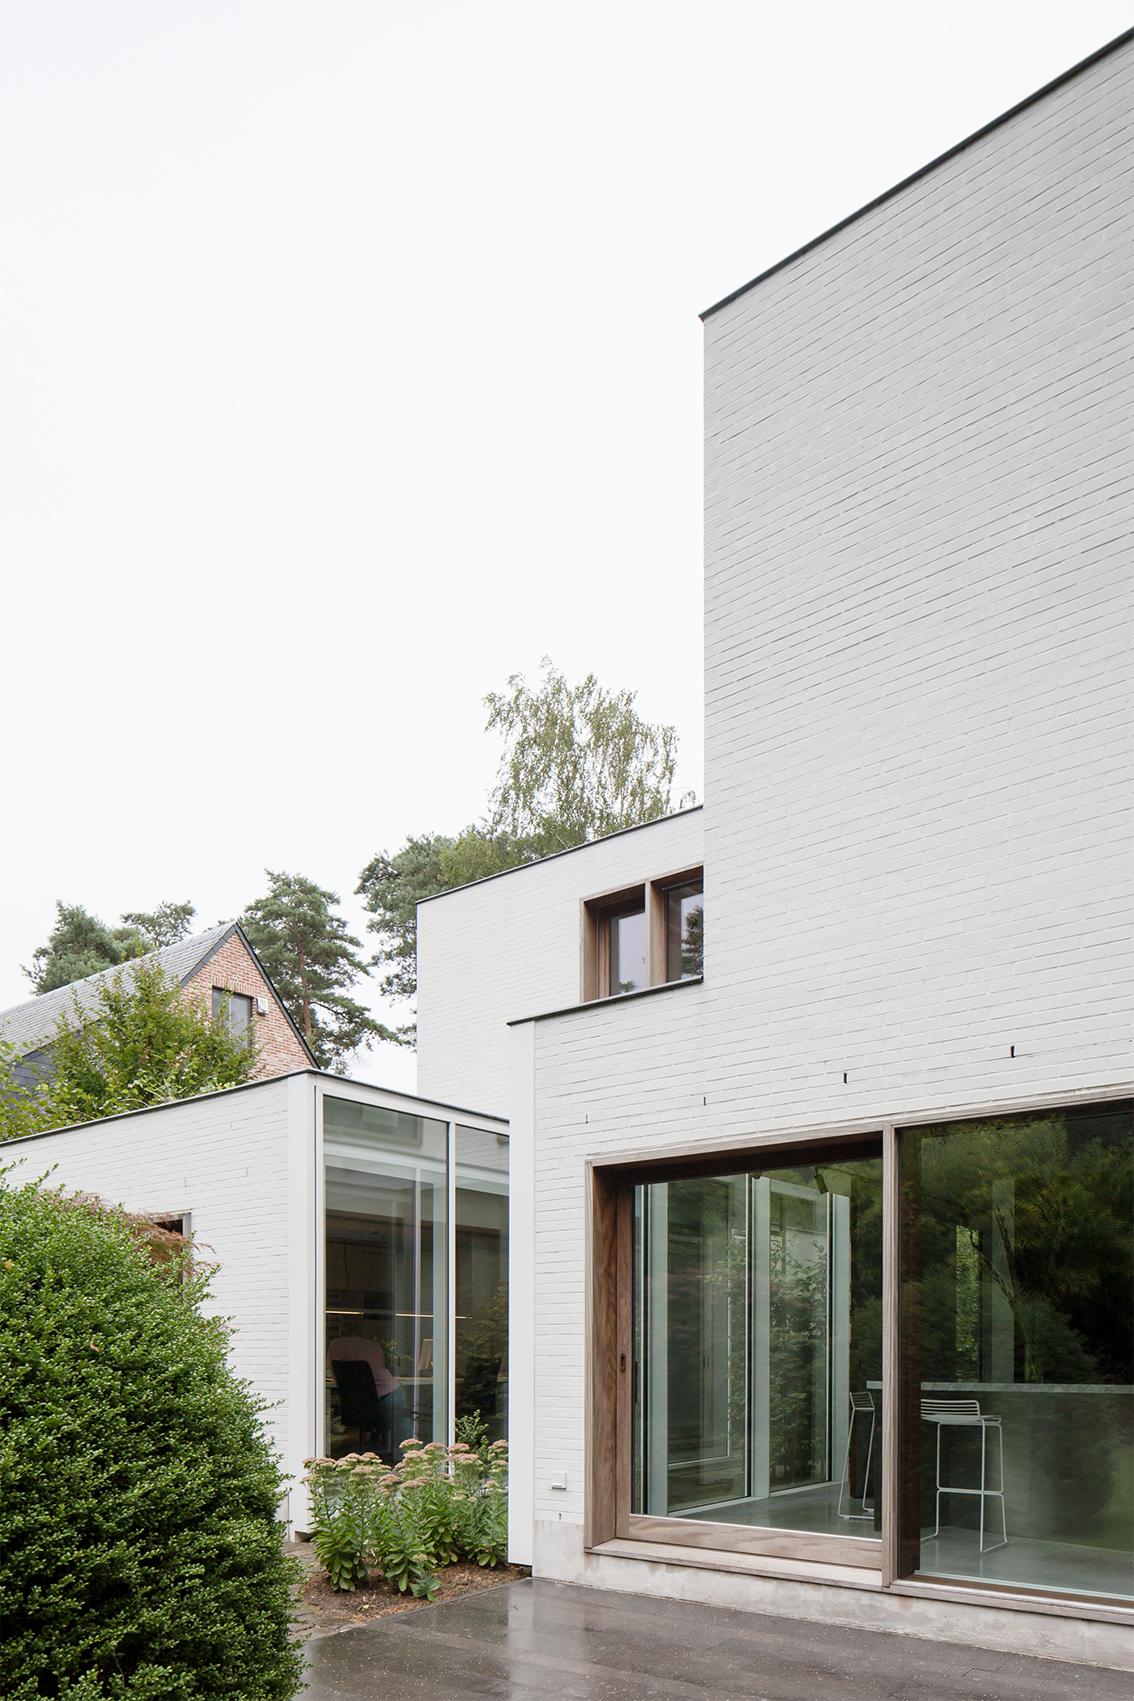 House-For-LD-18.jpg